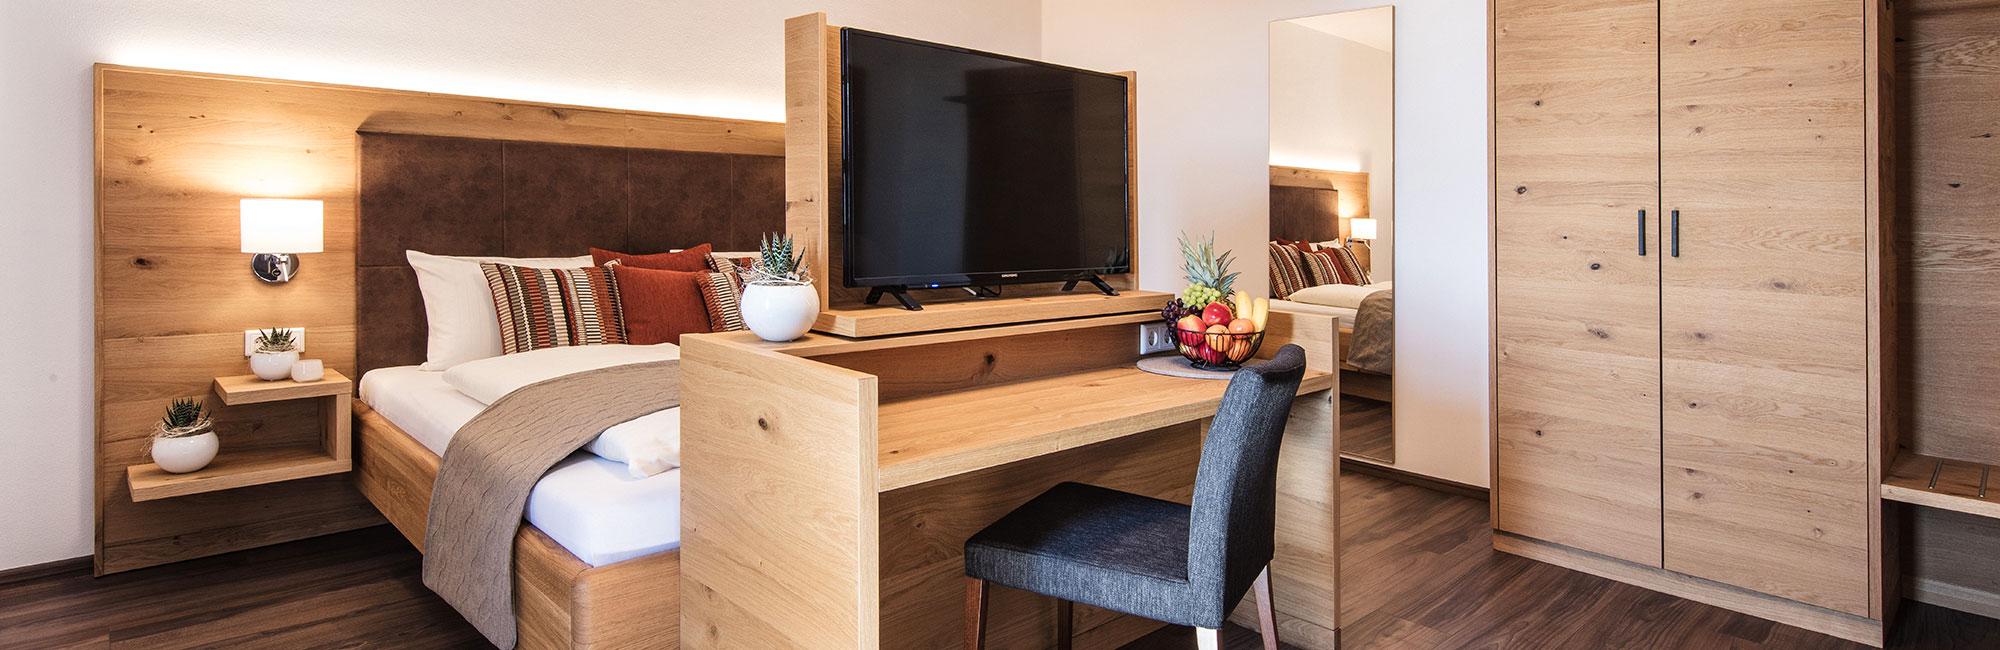 Hoteleinrichtung - Hotelzimmer Typ Goldsteig